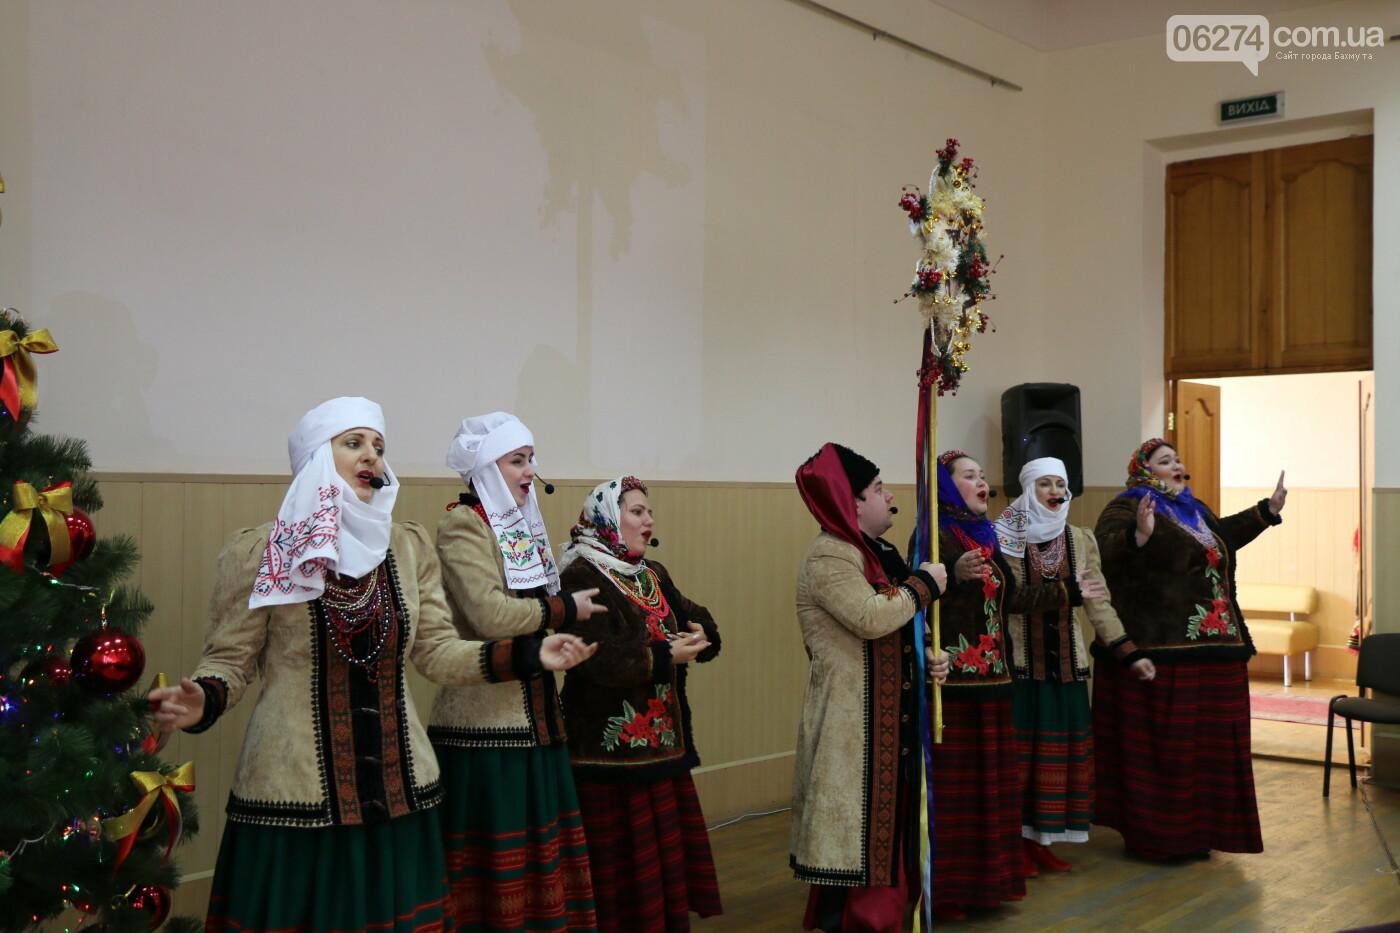 Городской голова Бахмута подписал Договор о сотрудничестве с громадой Салдусского края, фото-9